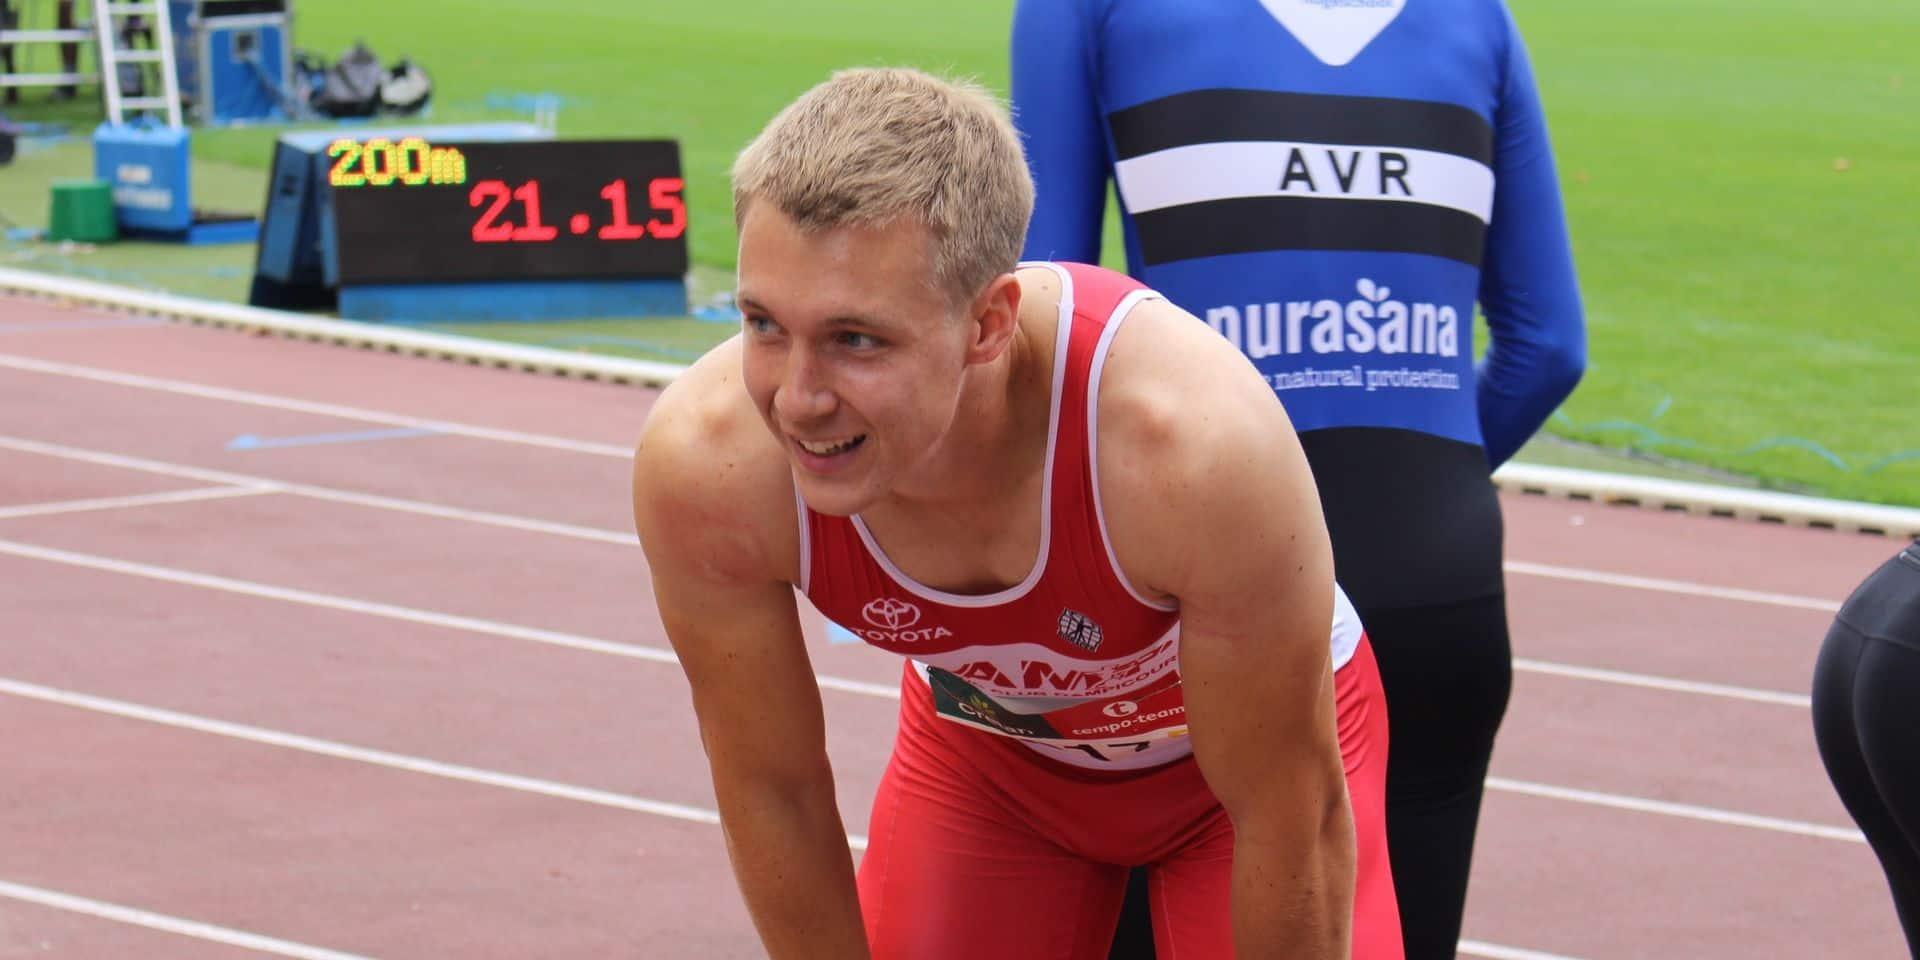 National d'athlétisme: l'or pour Watrin sur 200 mètres